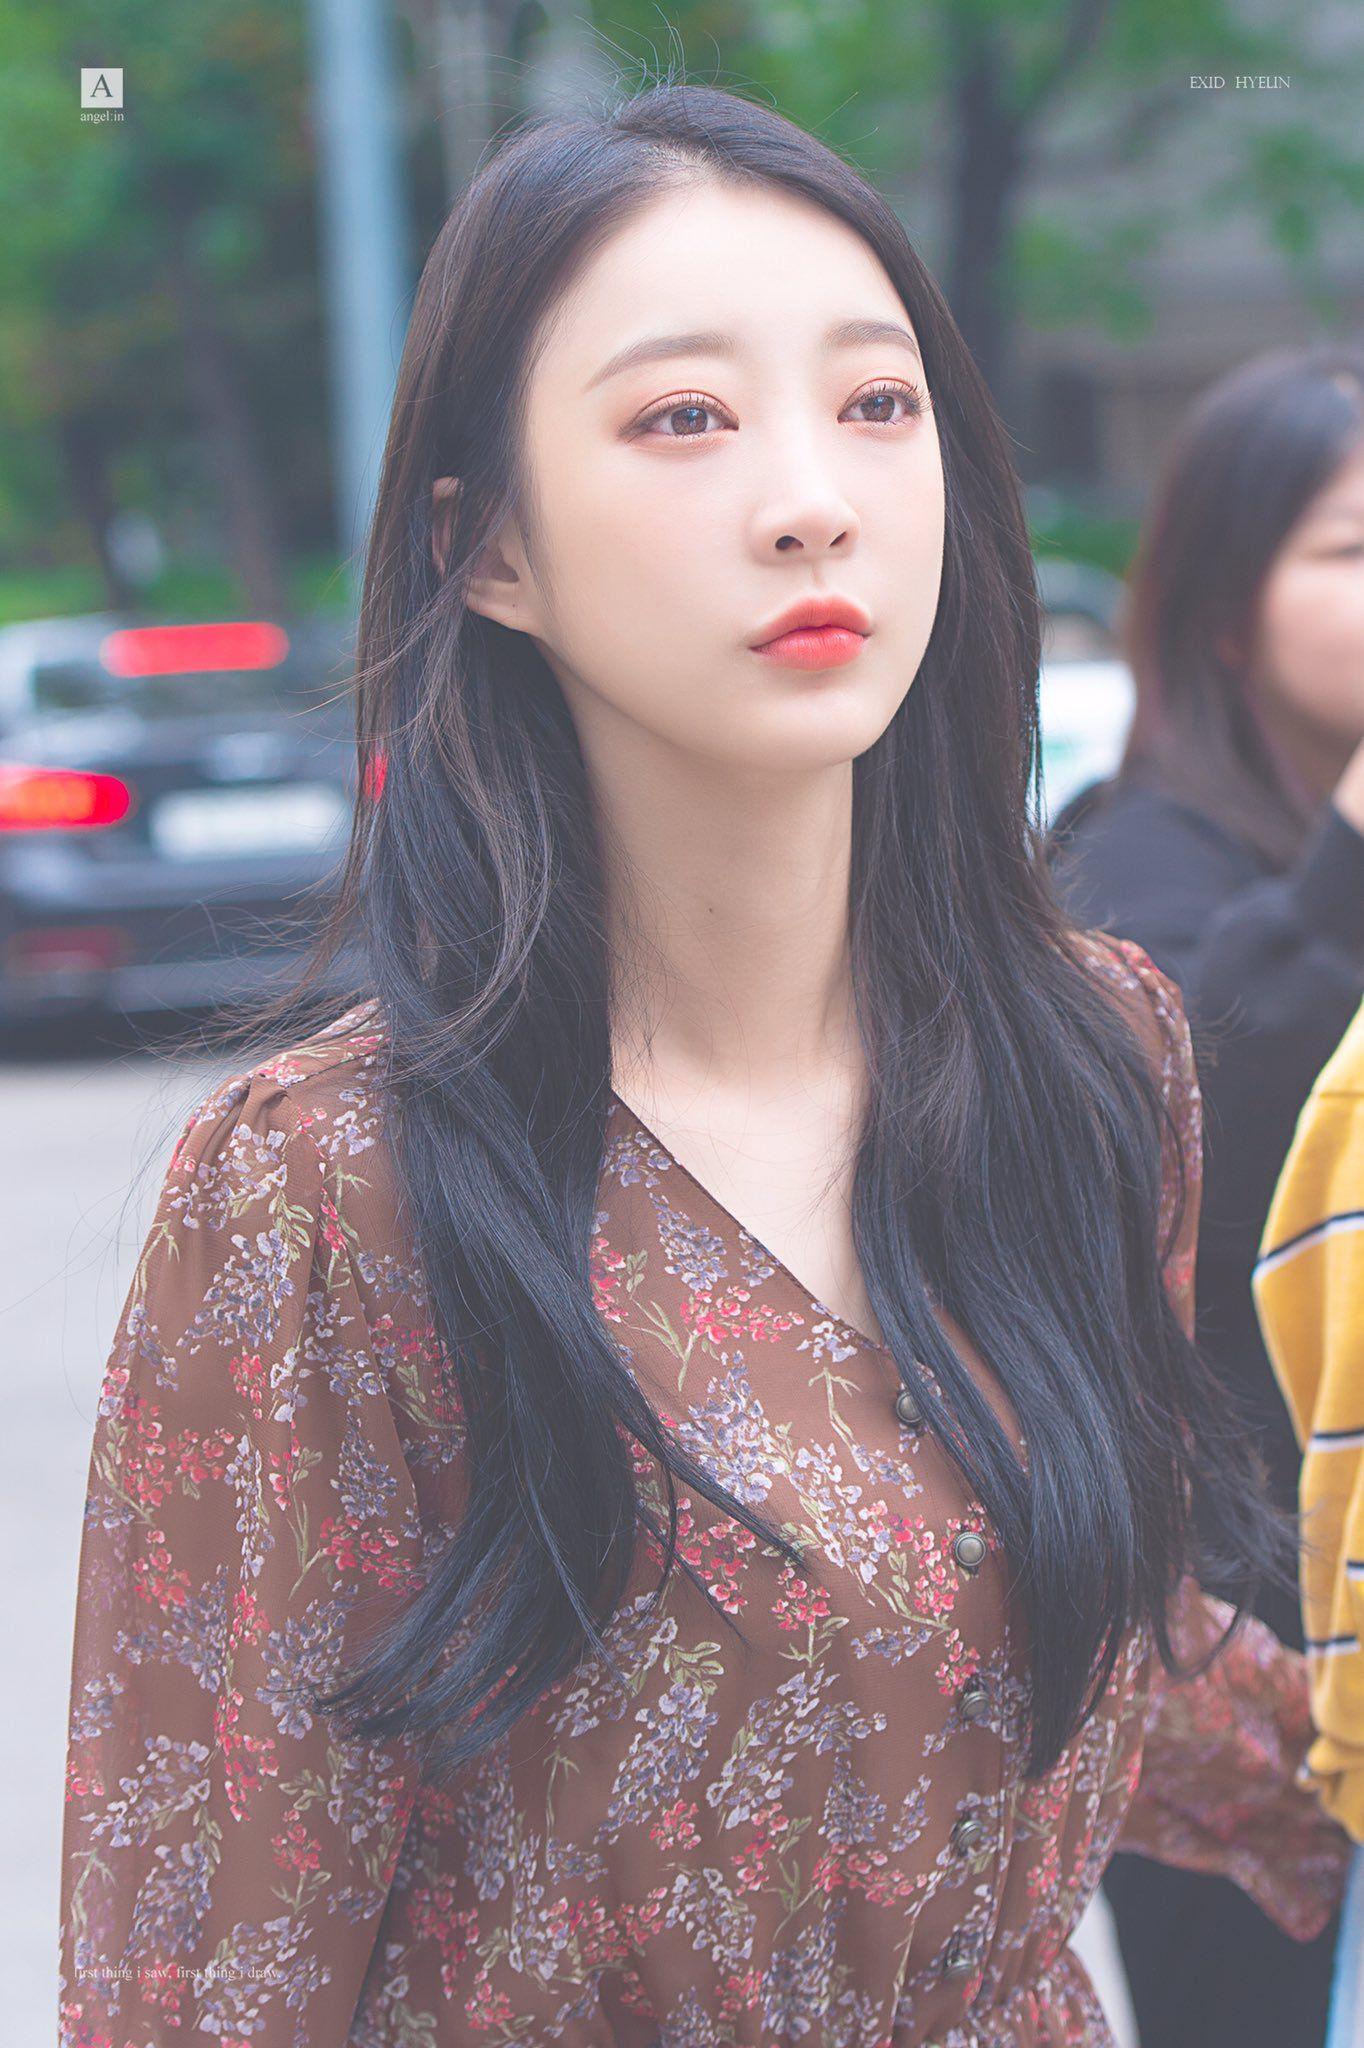 Pin By Z Wei On Exid Kpop Girls Exid Hyerin Girl